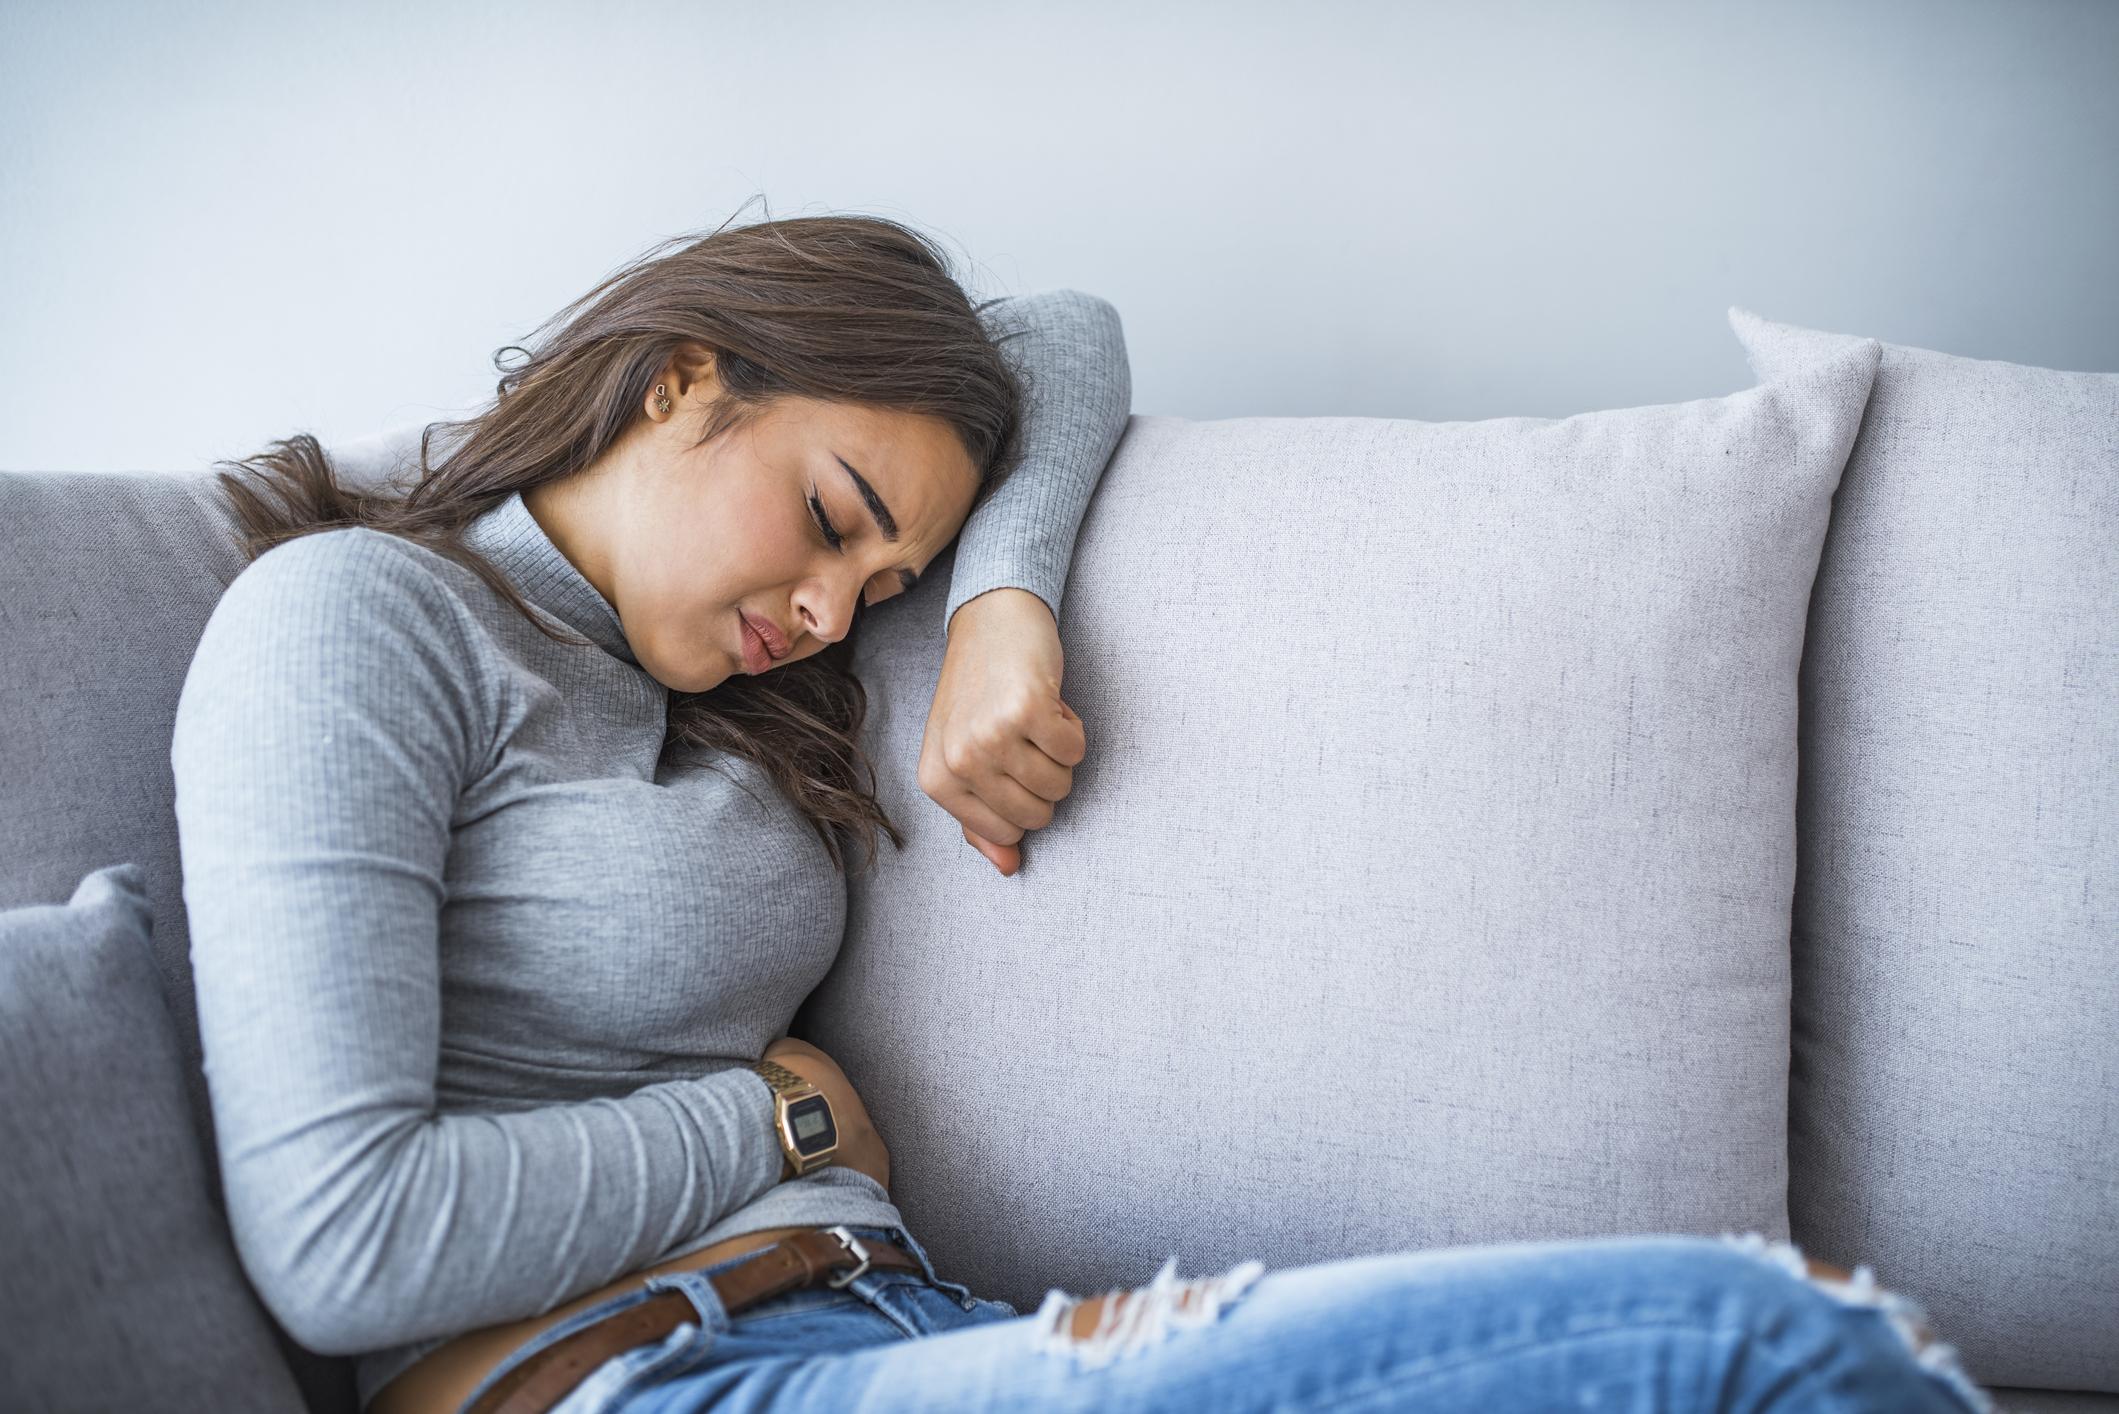 Ako mislite da bolujete od celijakije, nipošto ne prelazite na bezglutensku prehranu prije nego što se posavjetujete s liječnikom i obavite sve potrebne specijalističke pretrage.